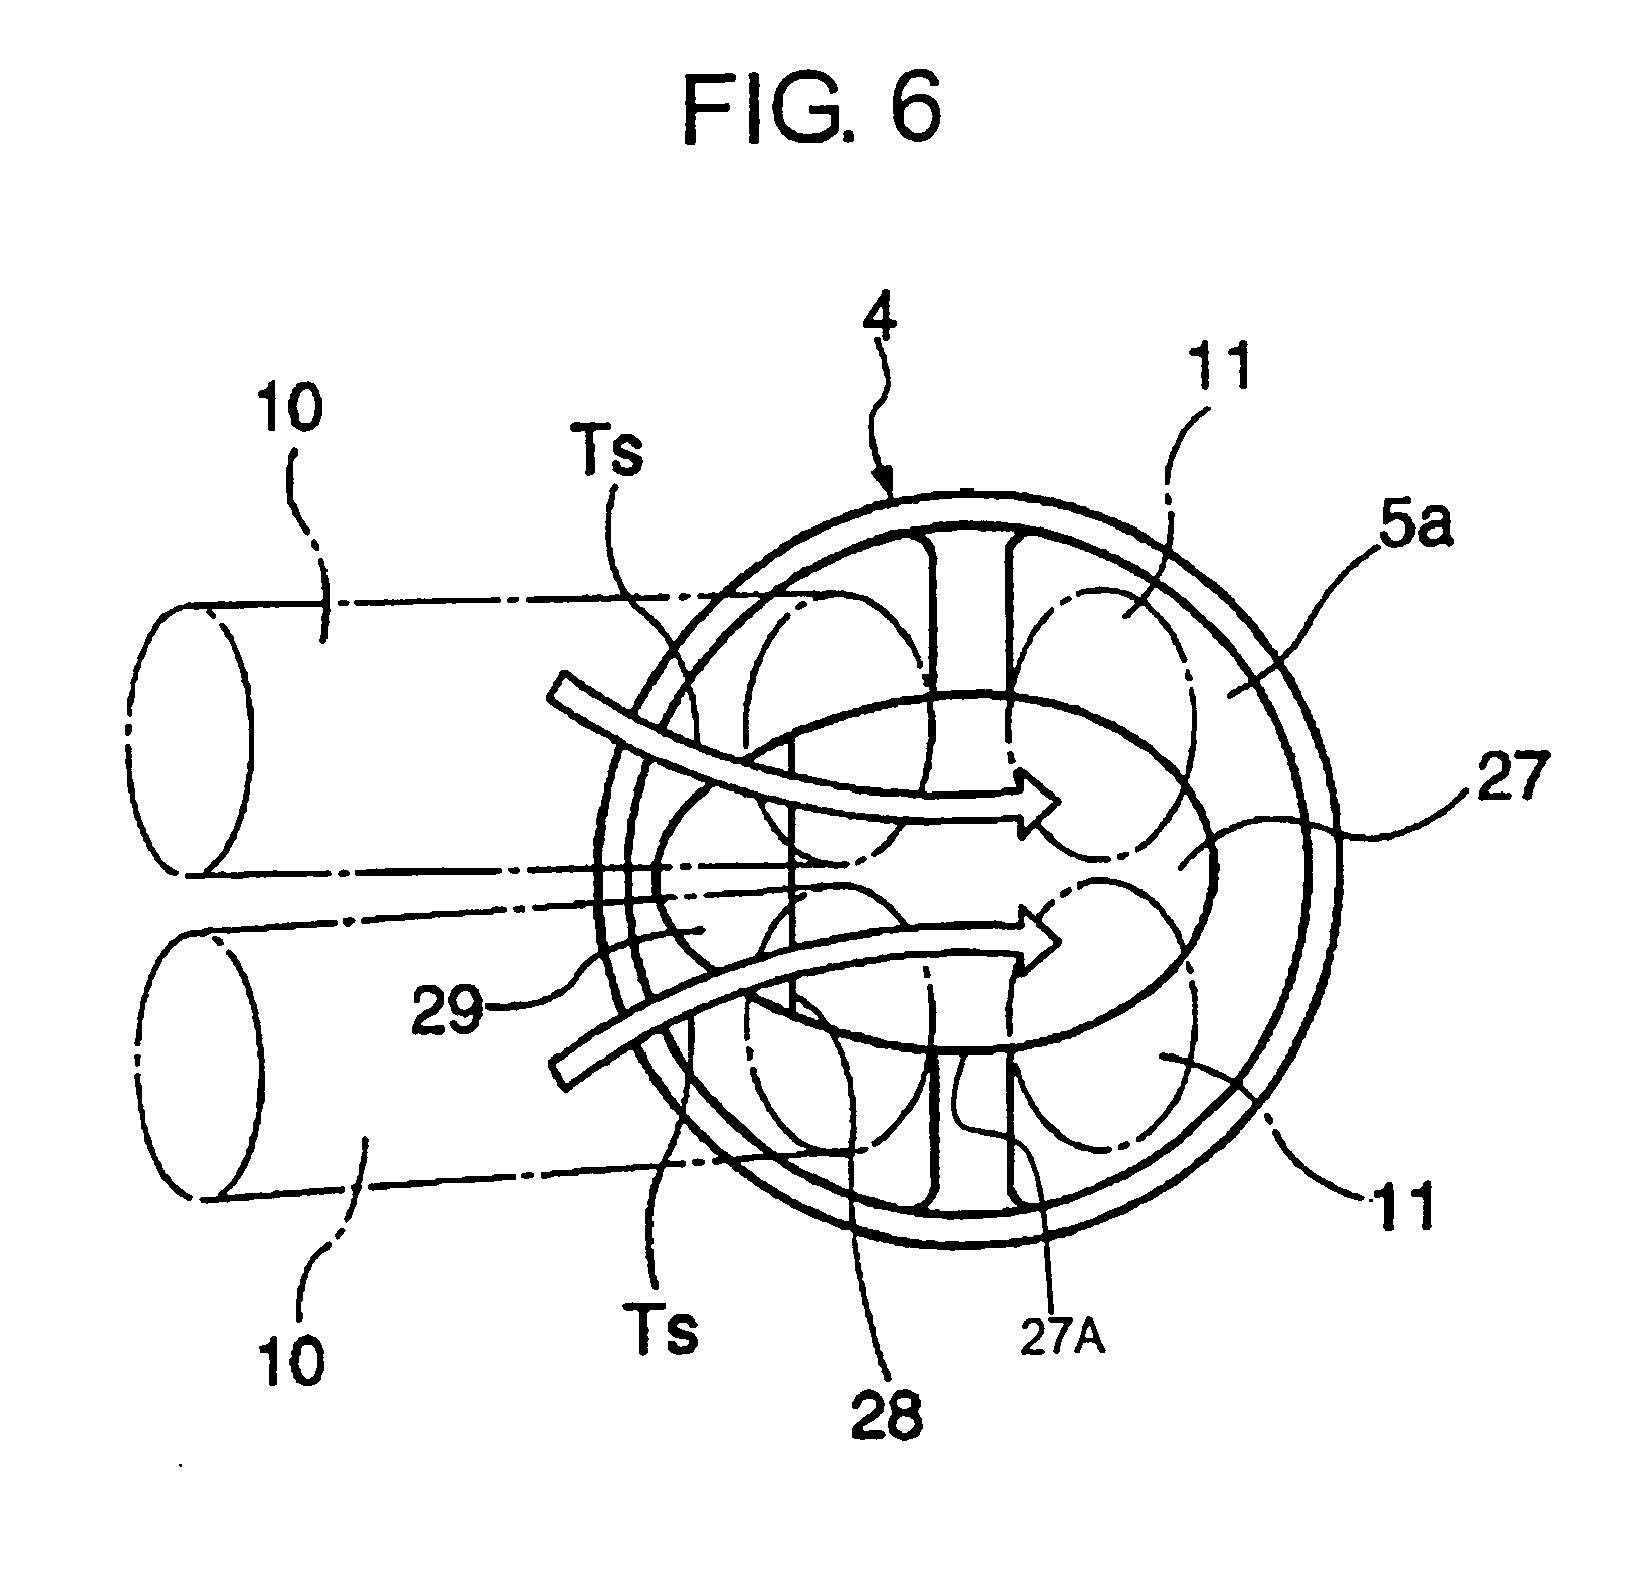 patent ep1298294b1 piston pour un moteur injection directe d 39 essence et moteur ayant un tel. Black Bedroom Furniture Sets. Home Design Ideas